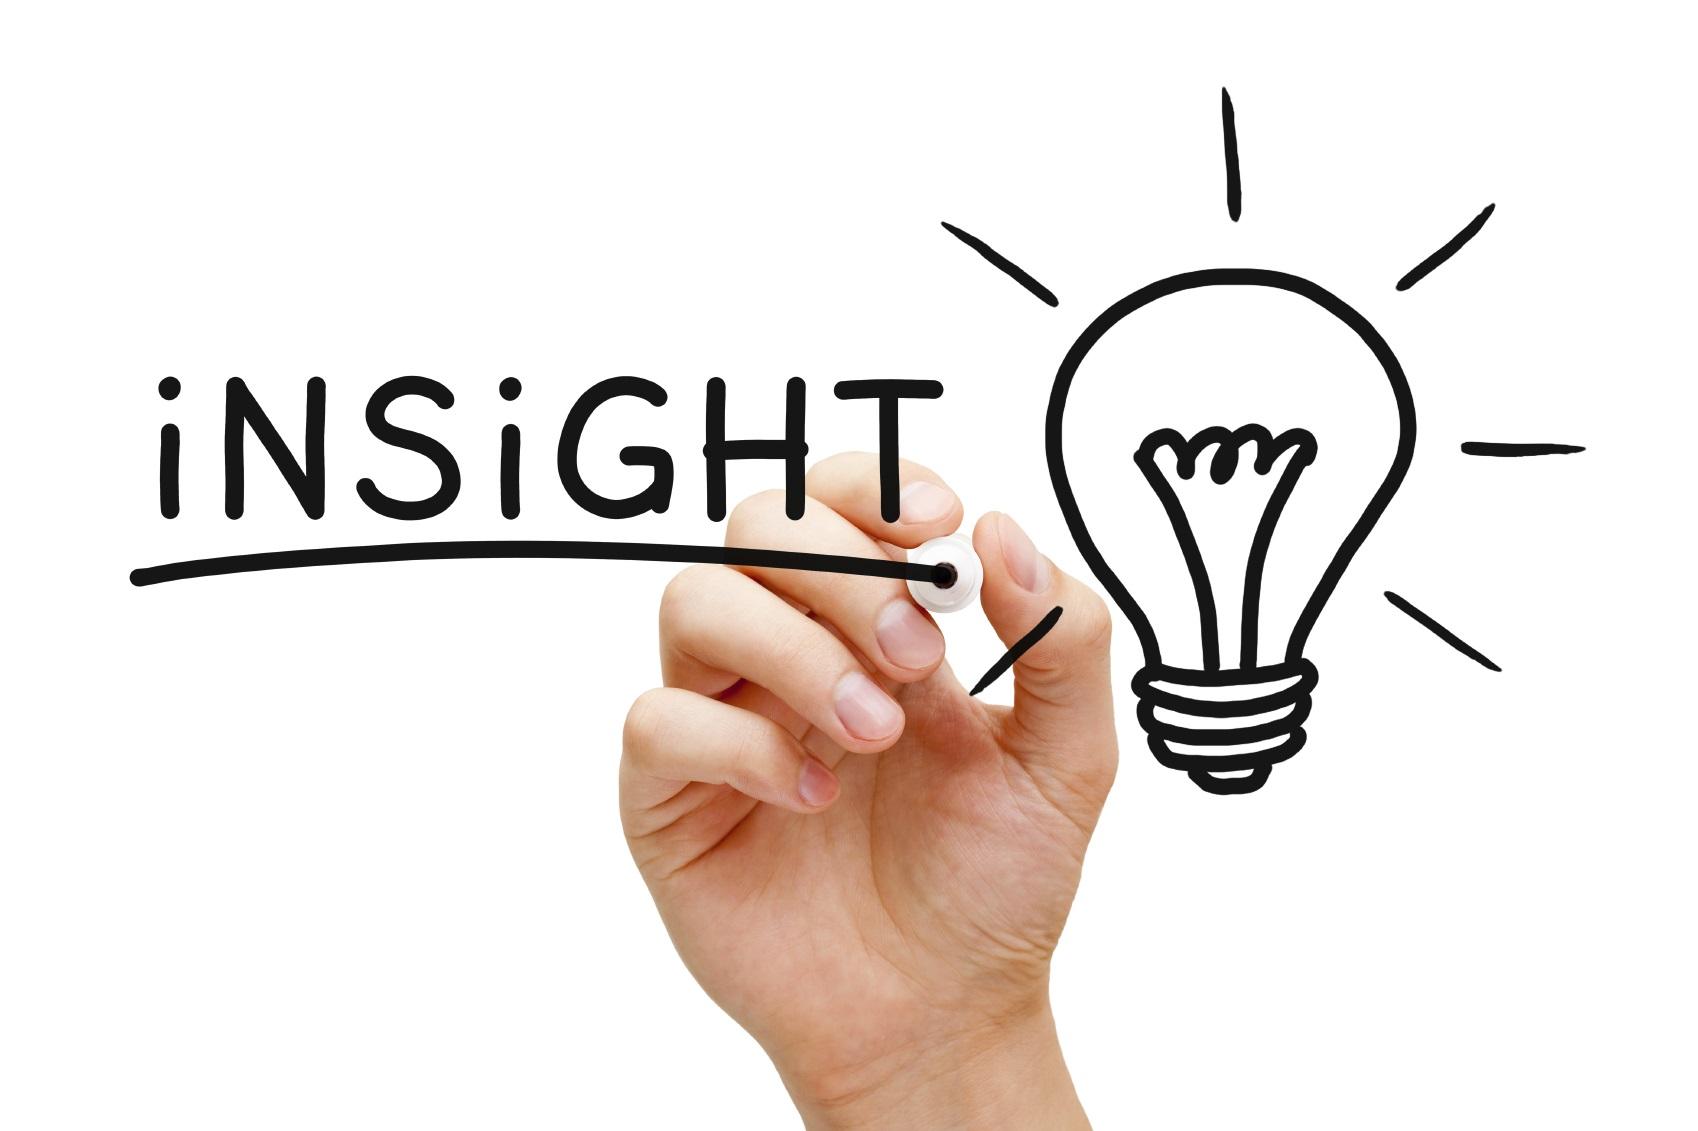 Insight là gì? 3 cách hiểu để nắm vững Insight khách hàng